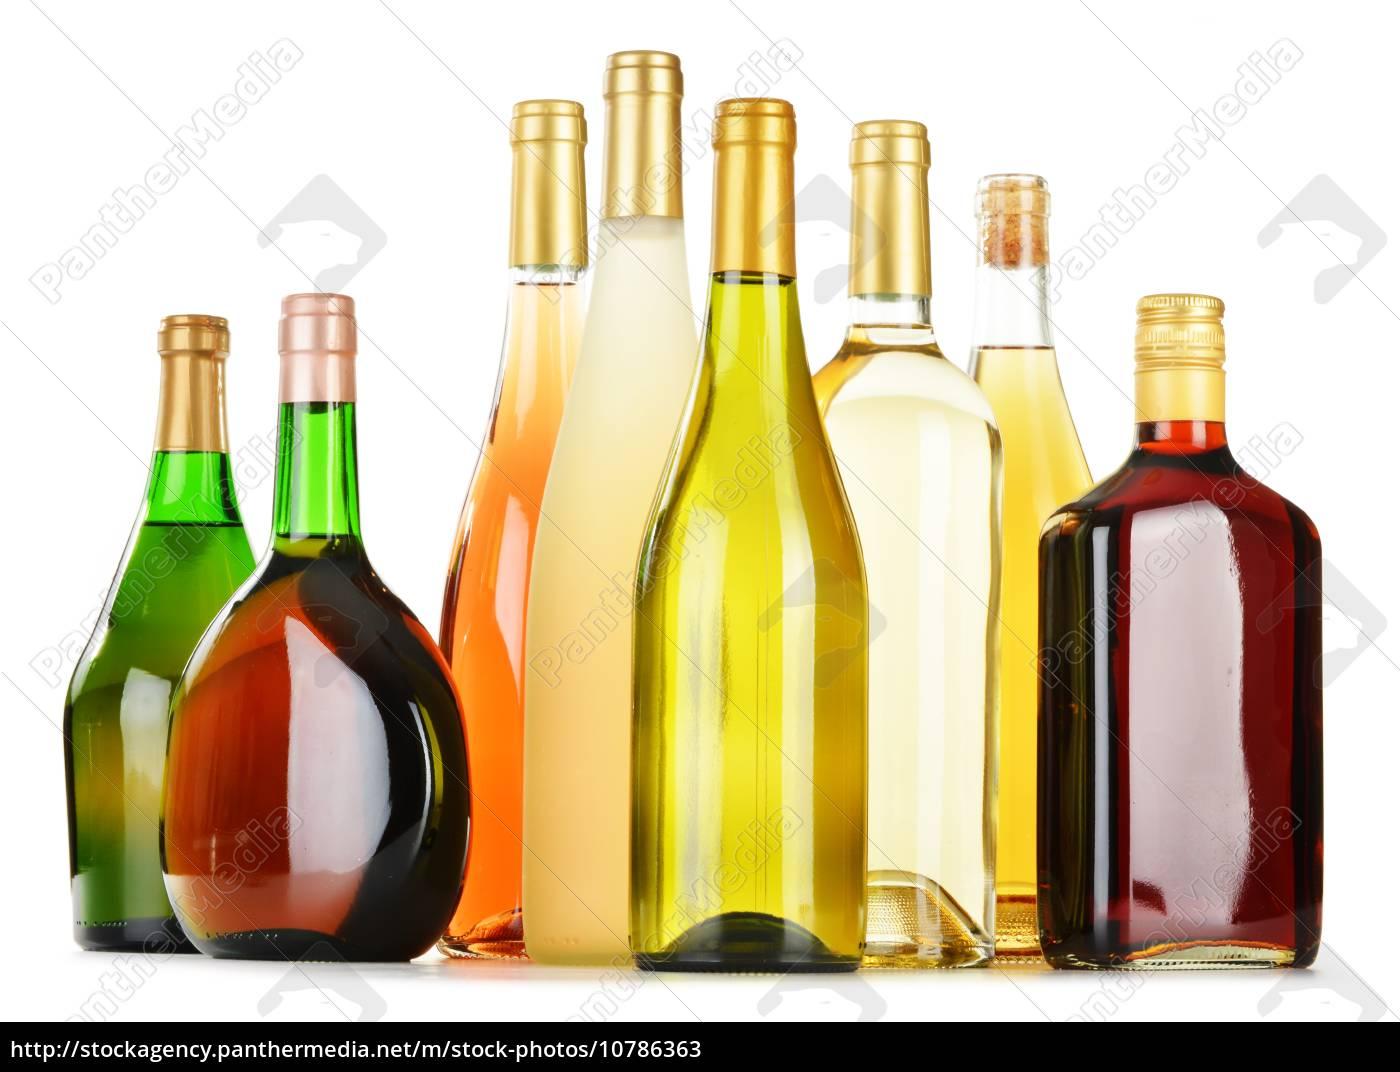 flaschen sortiert alkoholische getränke auf weiß - Lizenzfreies Bild ...